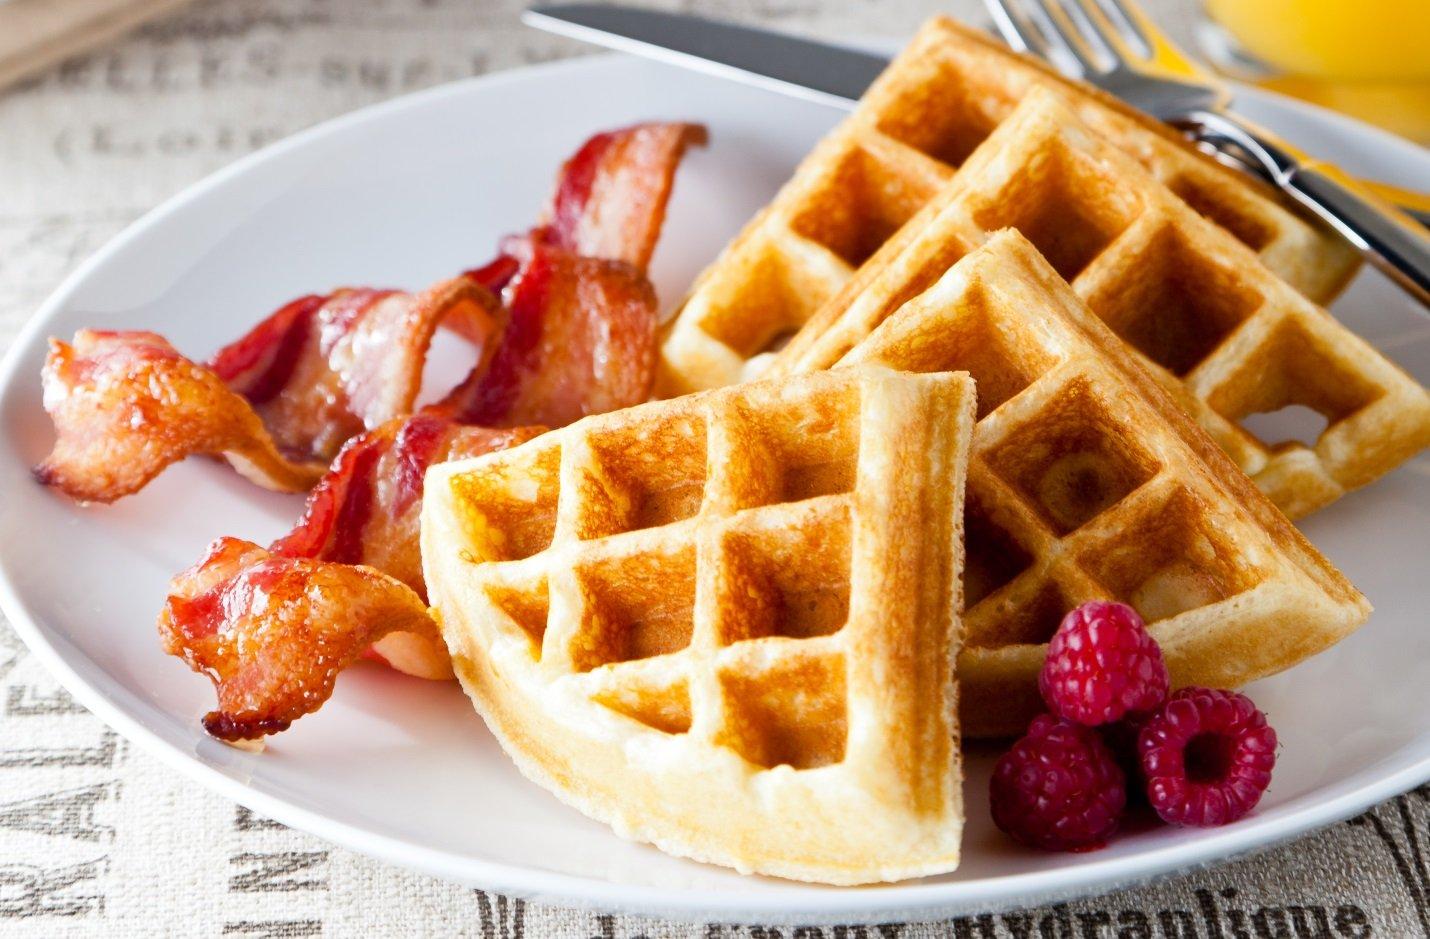 Bánh waffle không chứa quá nhiều tinh bột nên phù hợp với chế độ dinh dưỡng bà bầu